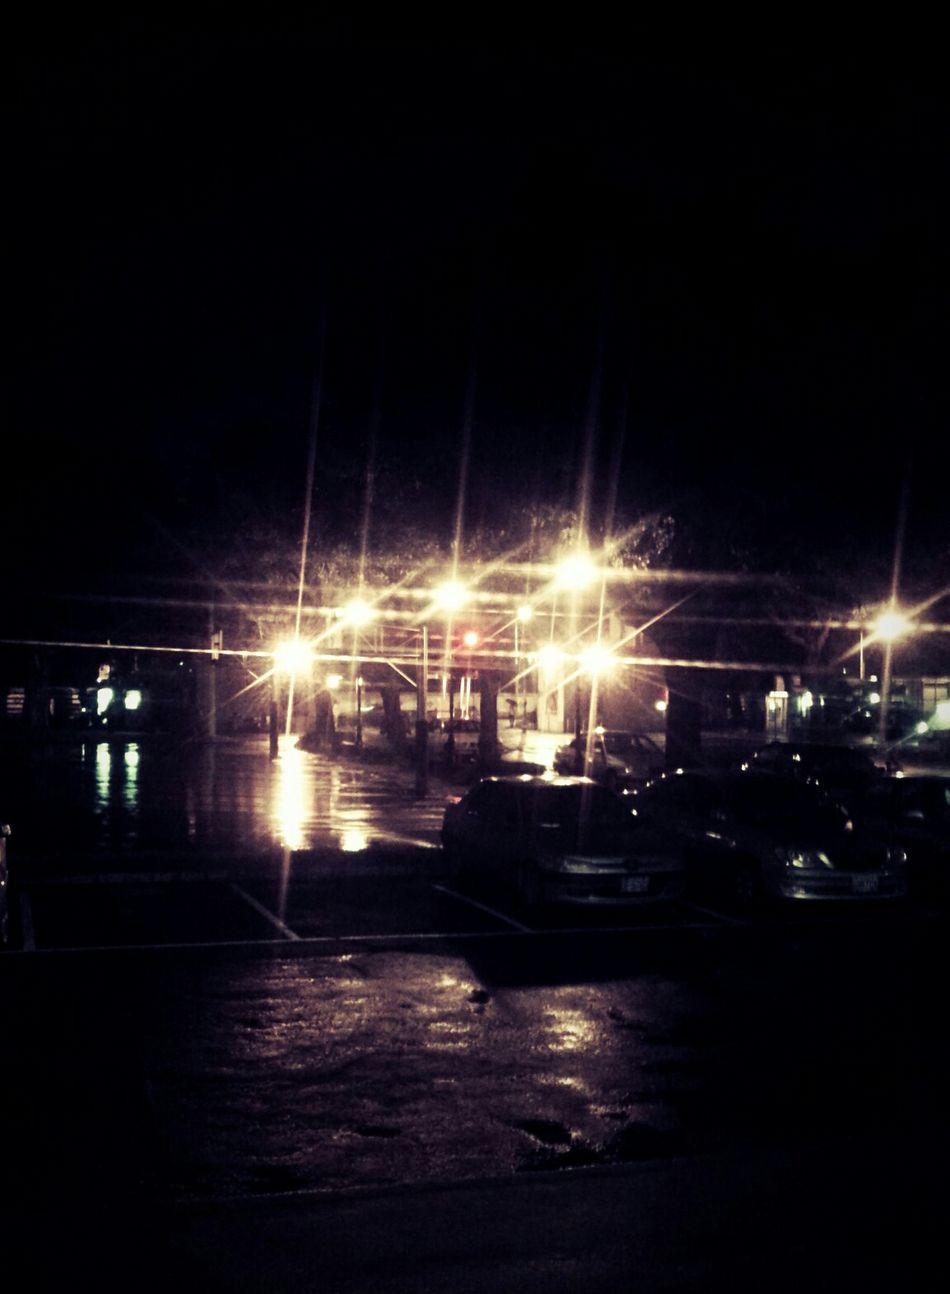 一直下雨的夜晚 把心打開 裝進聽見看見的聲音